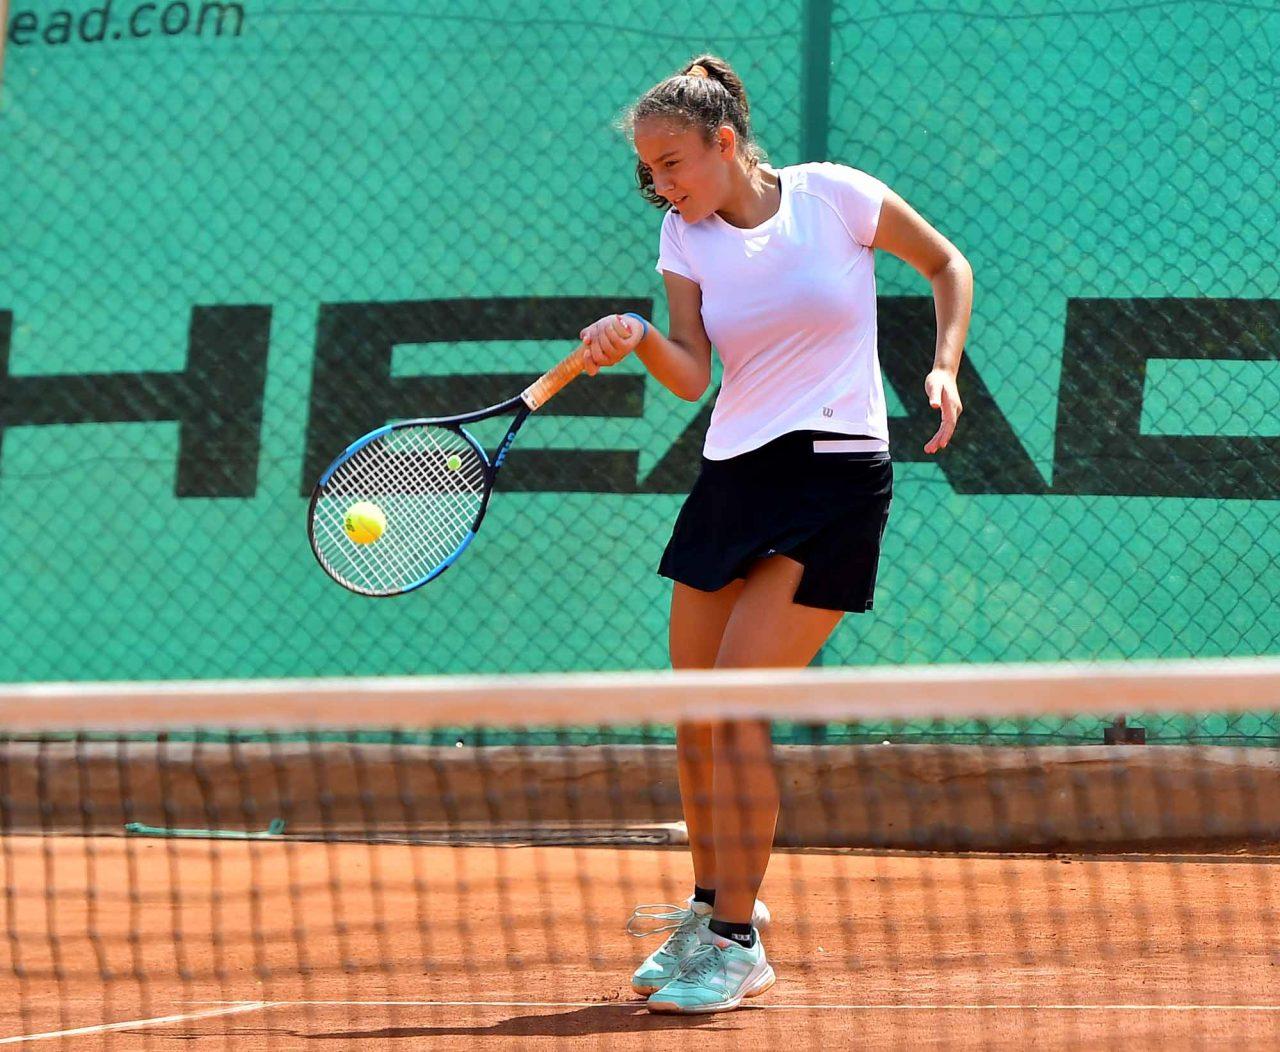 Държавно първенство тенис до 14 год. ТК 15-40 момичета (32)